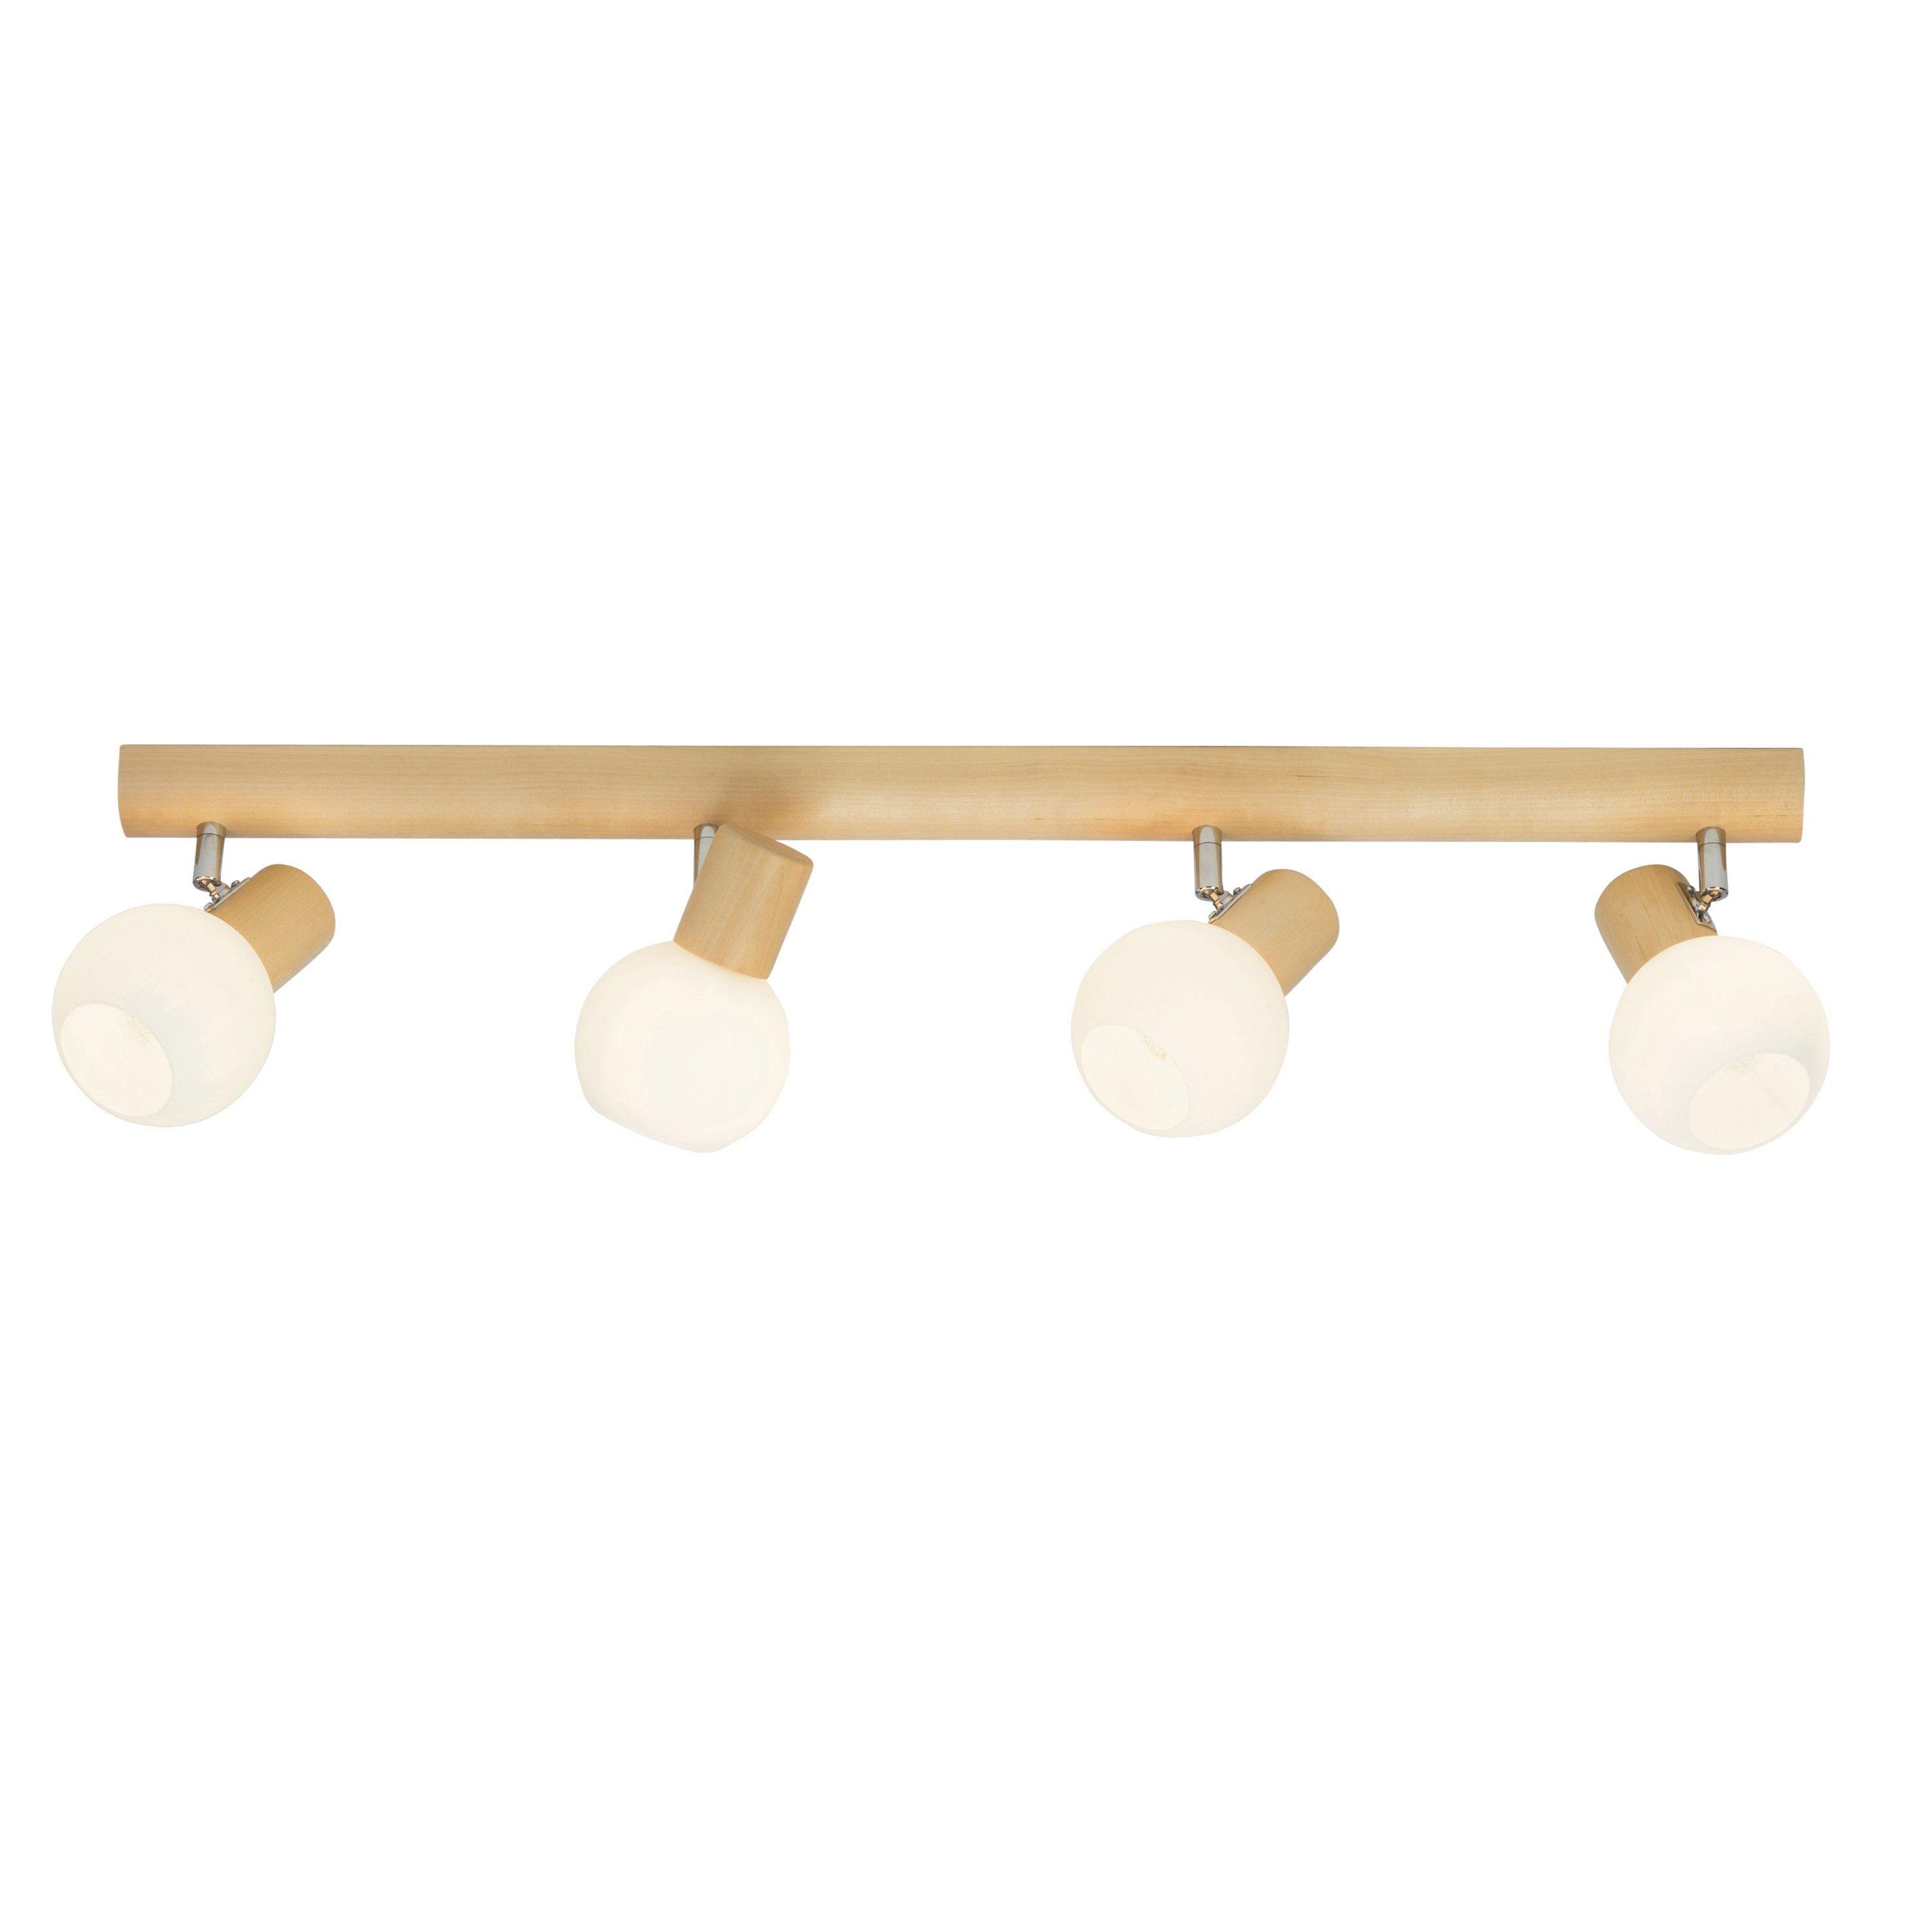 Led Lampen Wohnzimmer Gebogene Led Stehlampe Jonny Mit Dimmer Spot Strahler Aussenbereich Weisse S Deckenstrahler Brilliant Leuchten Led Lampen Wohnzimmer